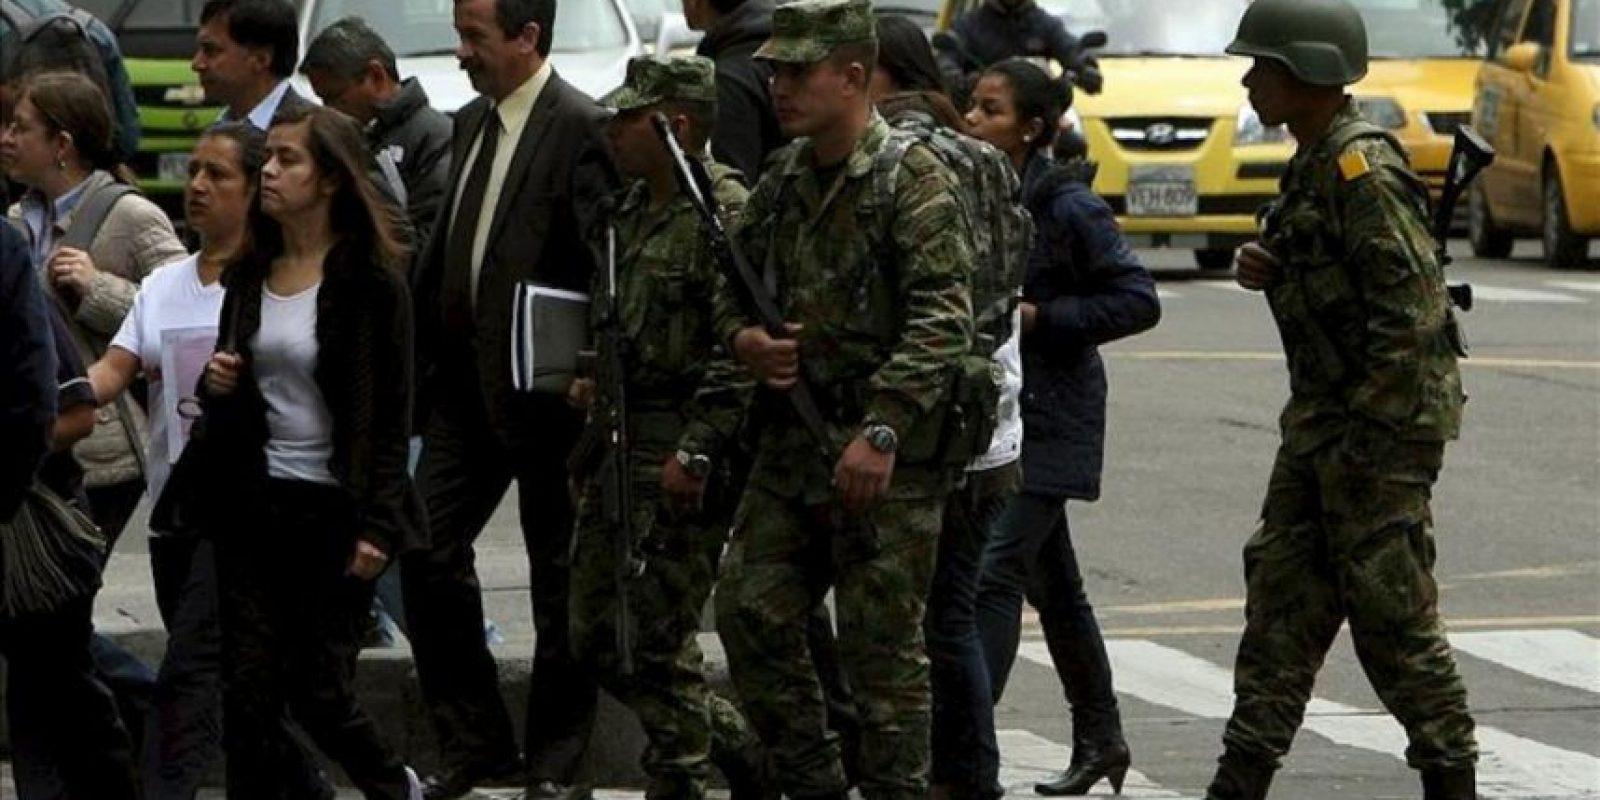 Personas y militares caminan en Bogotá (Colombia). El presidente de Colombia, Juan Manuel Santos, anunció que ordenó la militarización de la capital colombiana para garantizar la seguridad ciudadana, tras los disturbios del jueves que dejaron dos muertos, más de un centenar de heridos y daños a locales comerciales en la capital. EFE